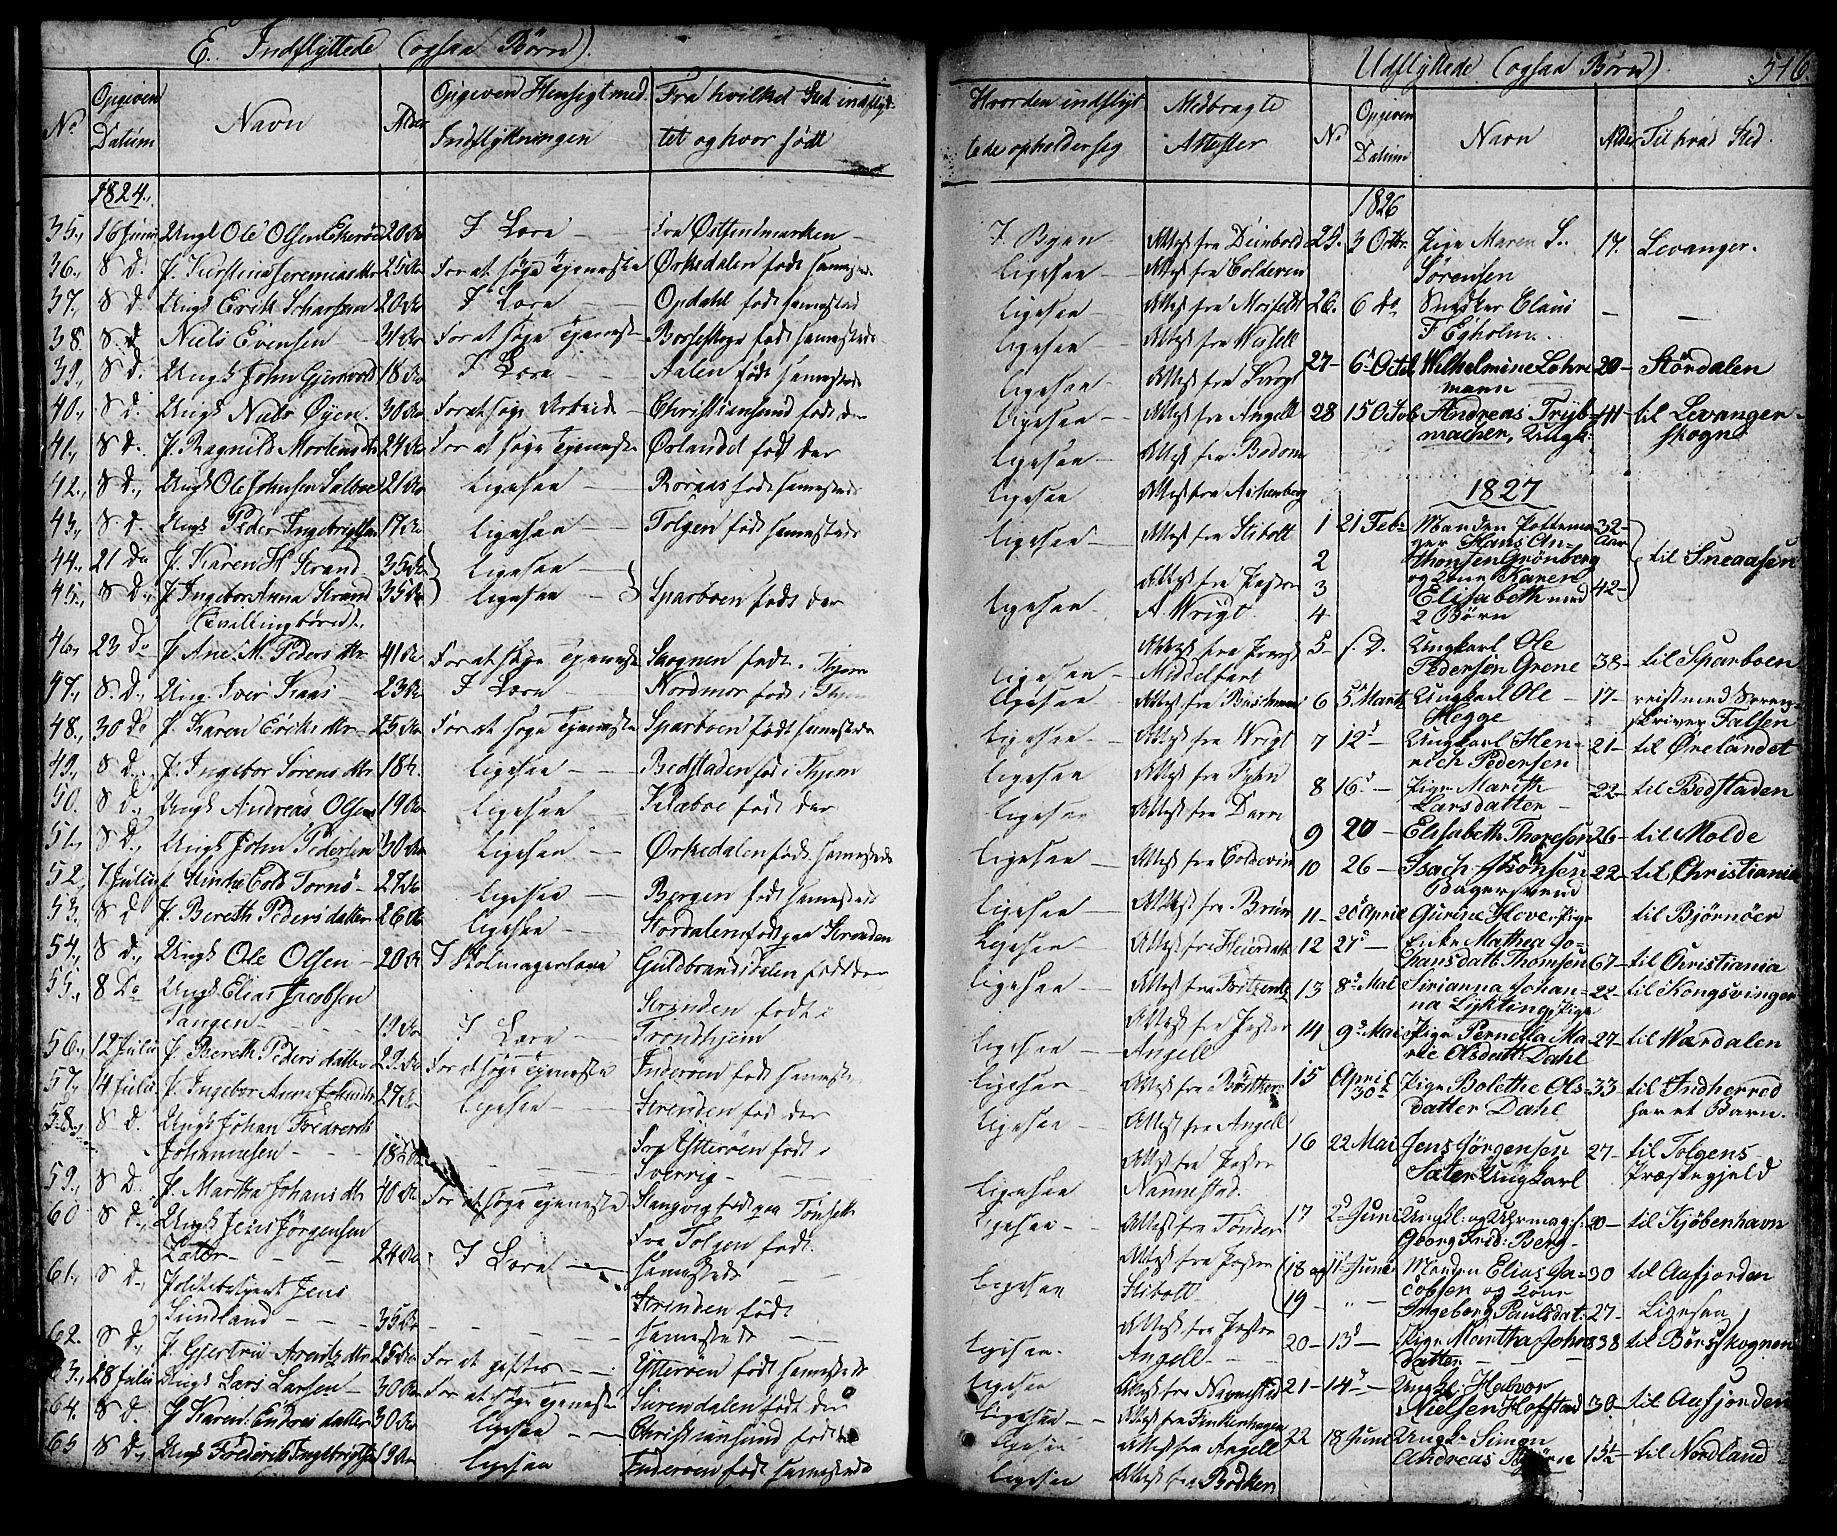 SAT, Ministerialprotokoller, klokkerbøker og fødselsregistre - Sør-Trøndelag, 601/L0045: Ministerialbok nr. 601A13, 1821-1831, s. 516